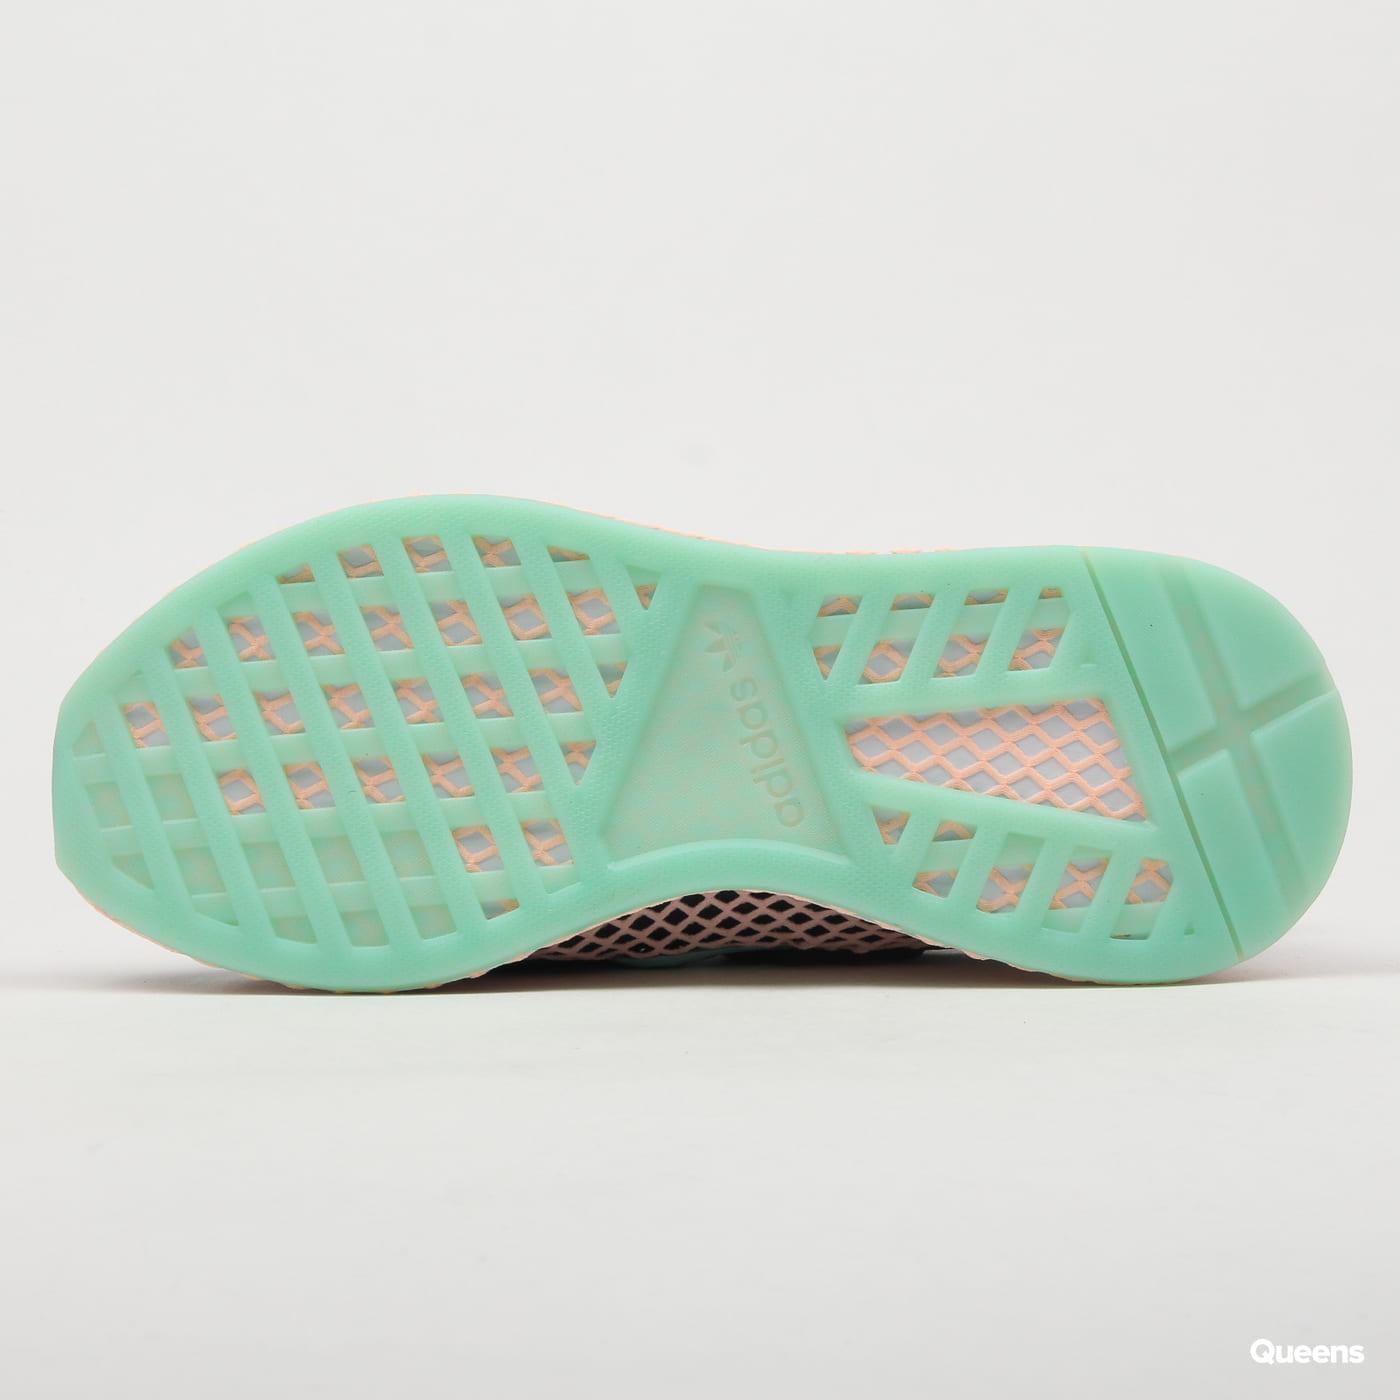 f5179d4b10cf6 Zoom in Zoom in Zoom in Zoom in Zoom in. adidas Originals Deerupt S ...